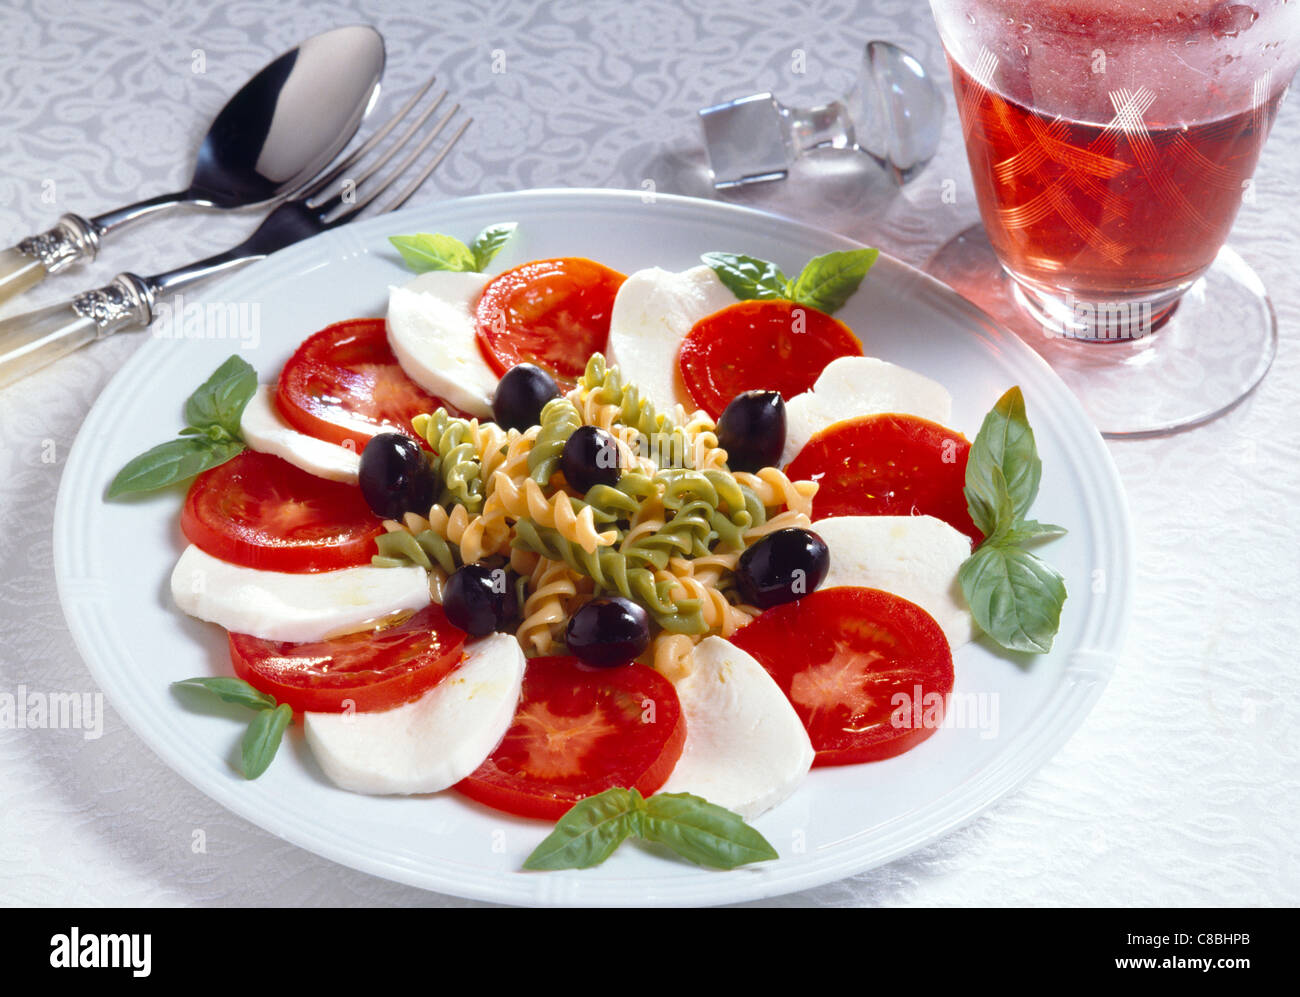 Ensalada de tomate y mozzarella Imagen De Stock